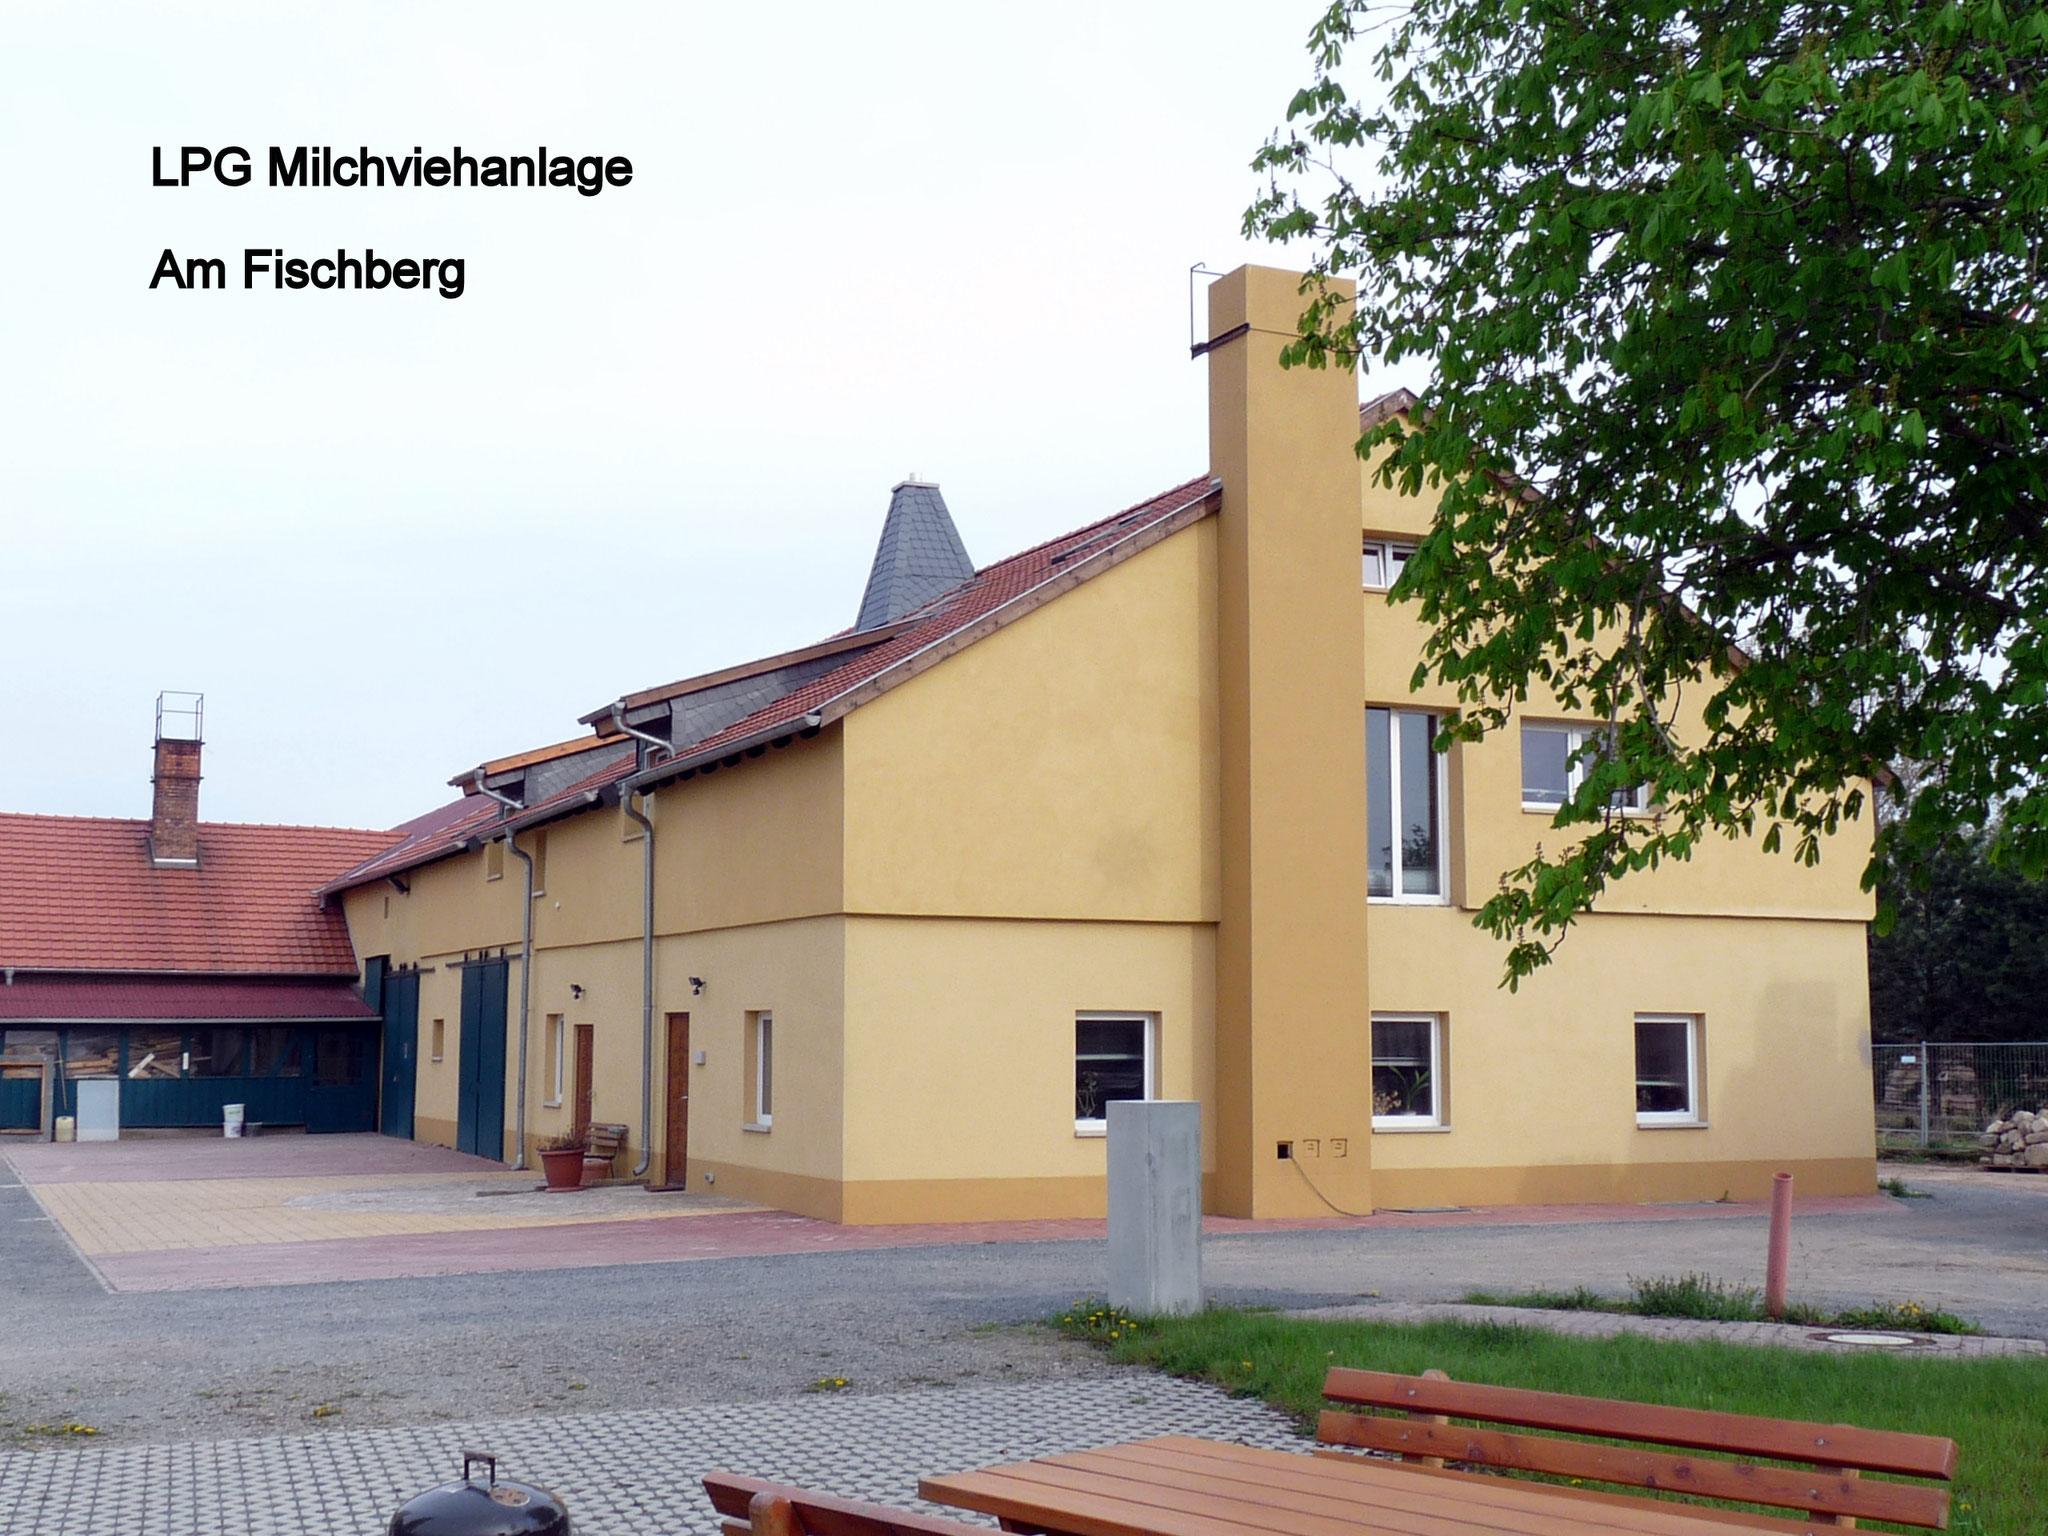 LPG-Küche Fischberg,  Milchviehanlage